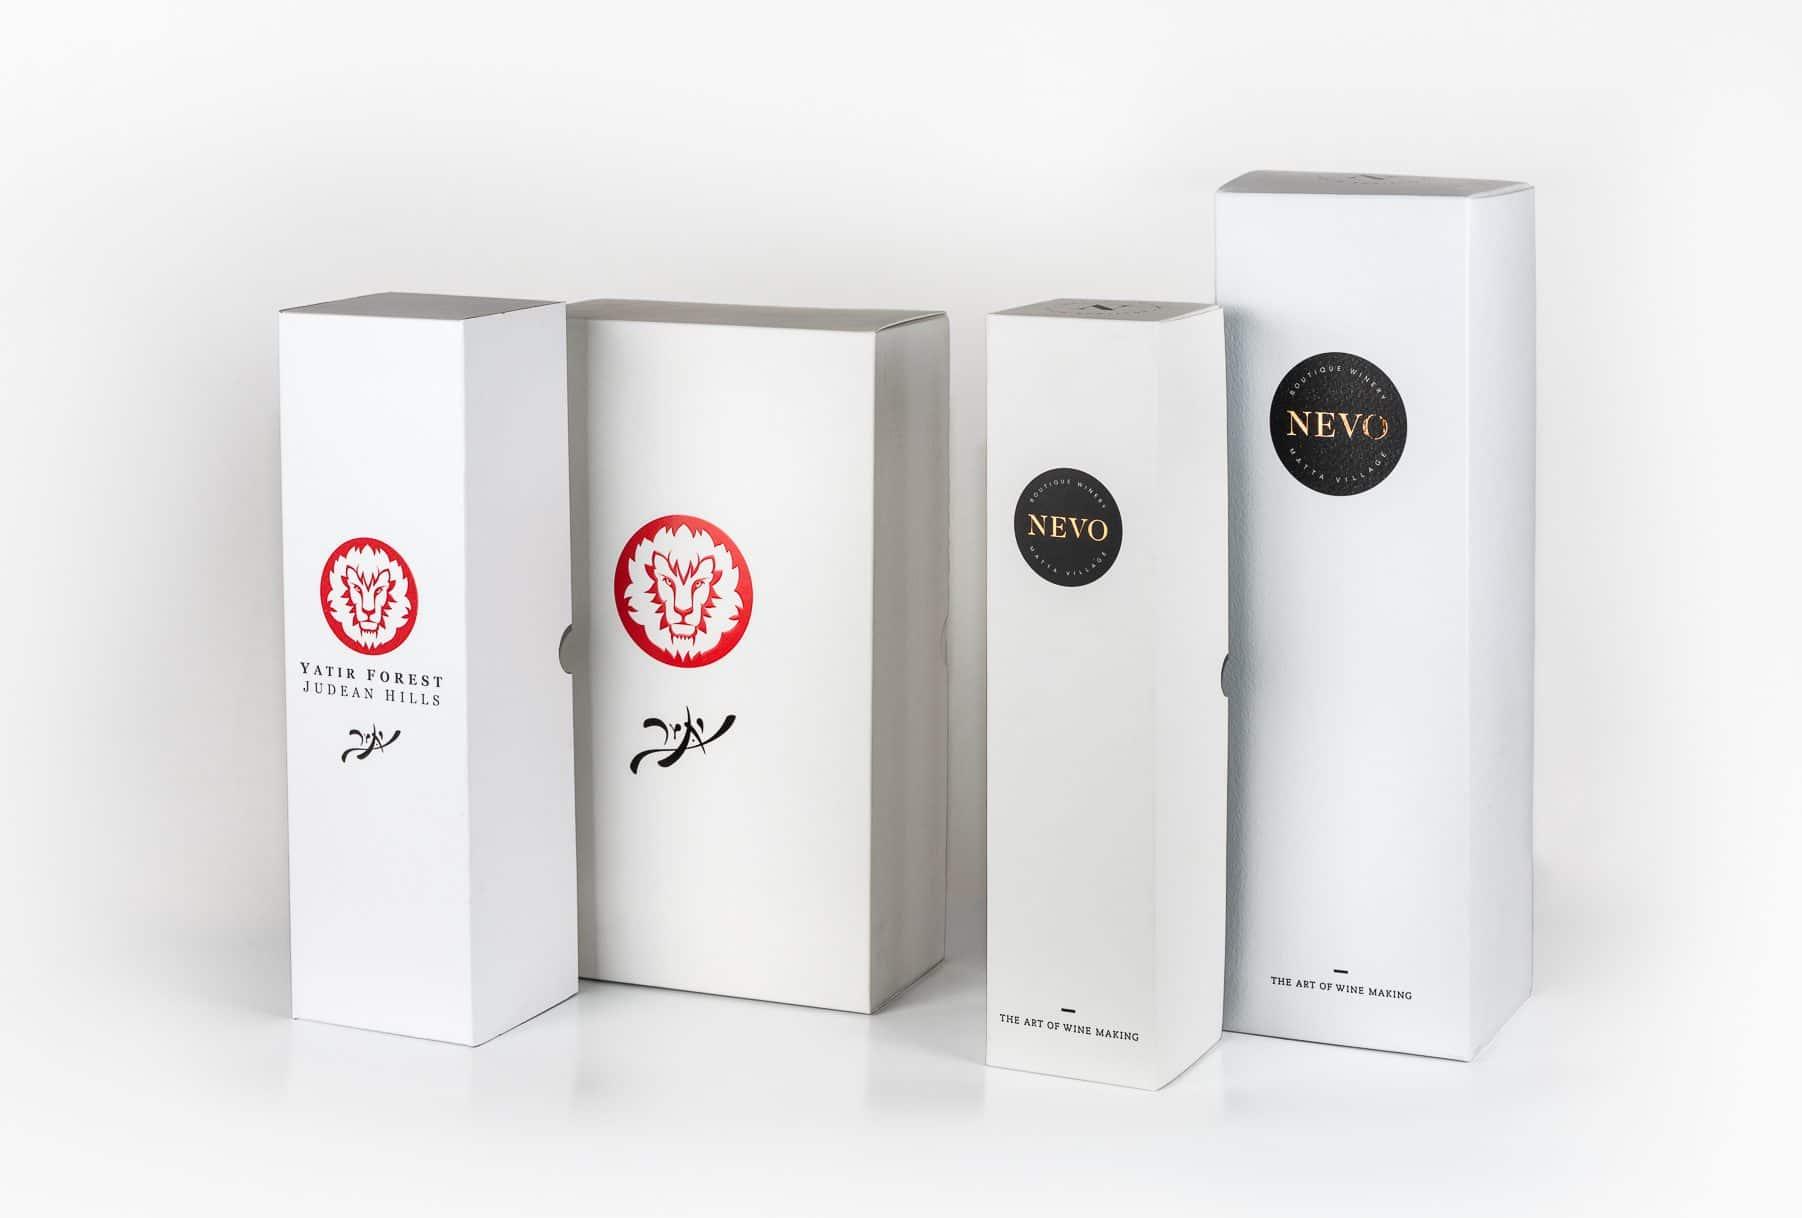 מארזים לבקבוקי יין של יקב נבו ויקב יתיר. האריזות בצבע לבן קלאסית עם לוגו של היקב. השבחות דפוס שהשתמשנו בתהליך ההדפסה: הבלטה והטבעת פוייל (חום)